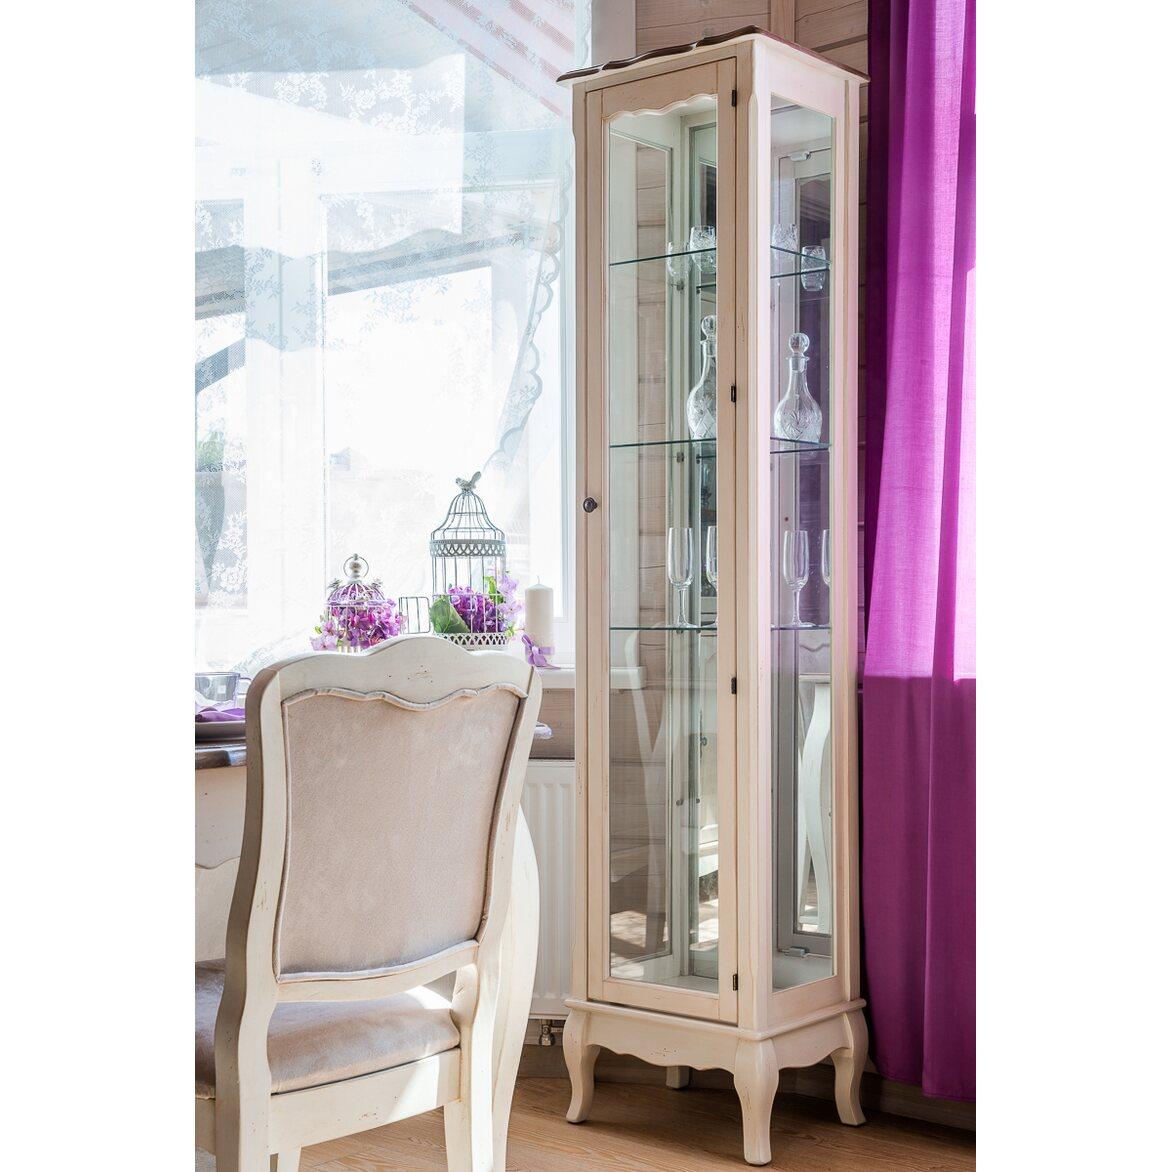 Стул с мягким сиденьем Leontina, бежевого цвета 4 | Обеденные стулья Kingsby